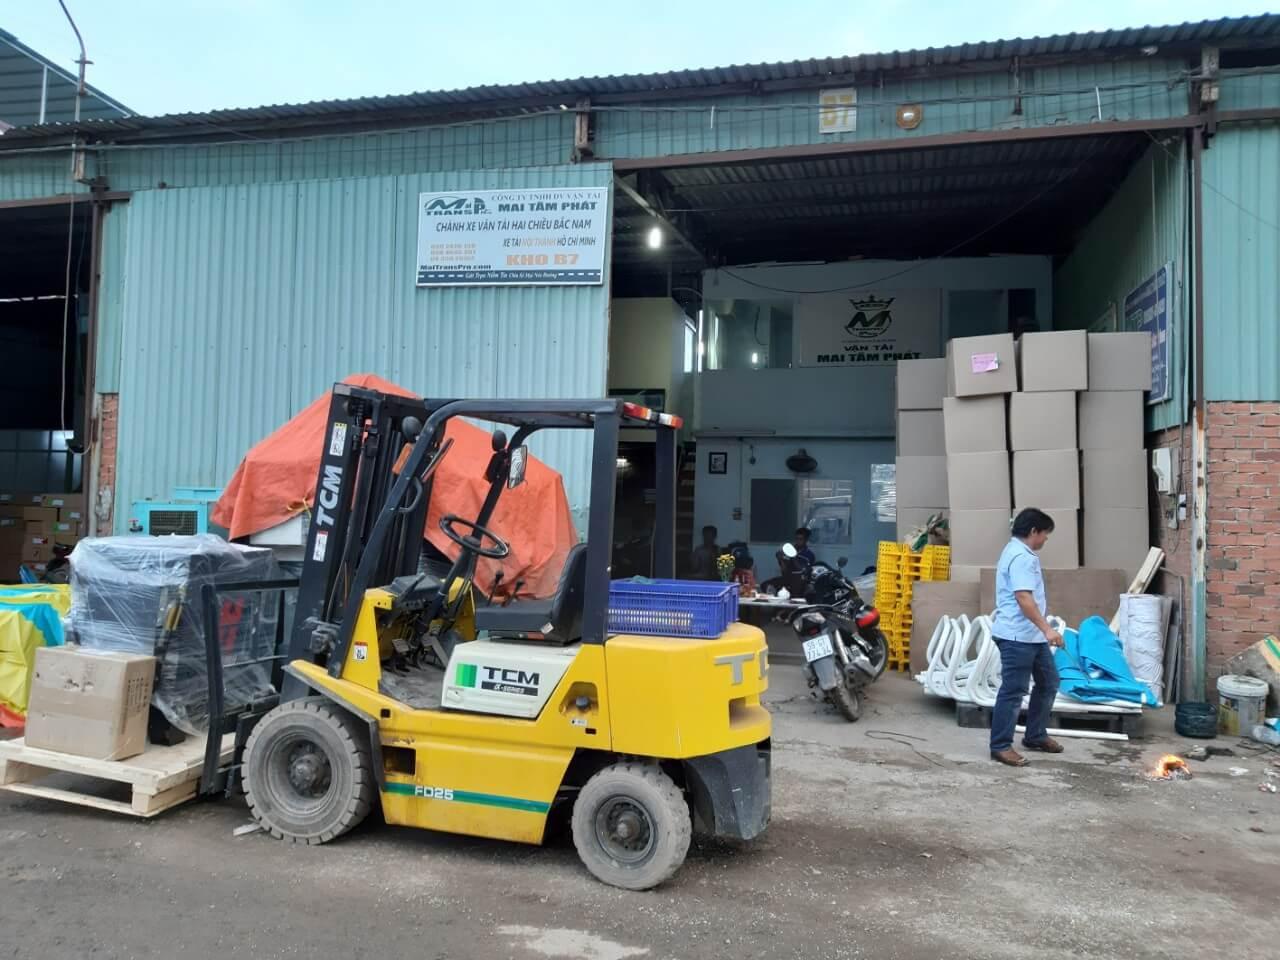 Mai Tâm Phát - Địa chỉ vận chuyển hàng hóa đi Thanh Hóa tốt nhất hiện nay